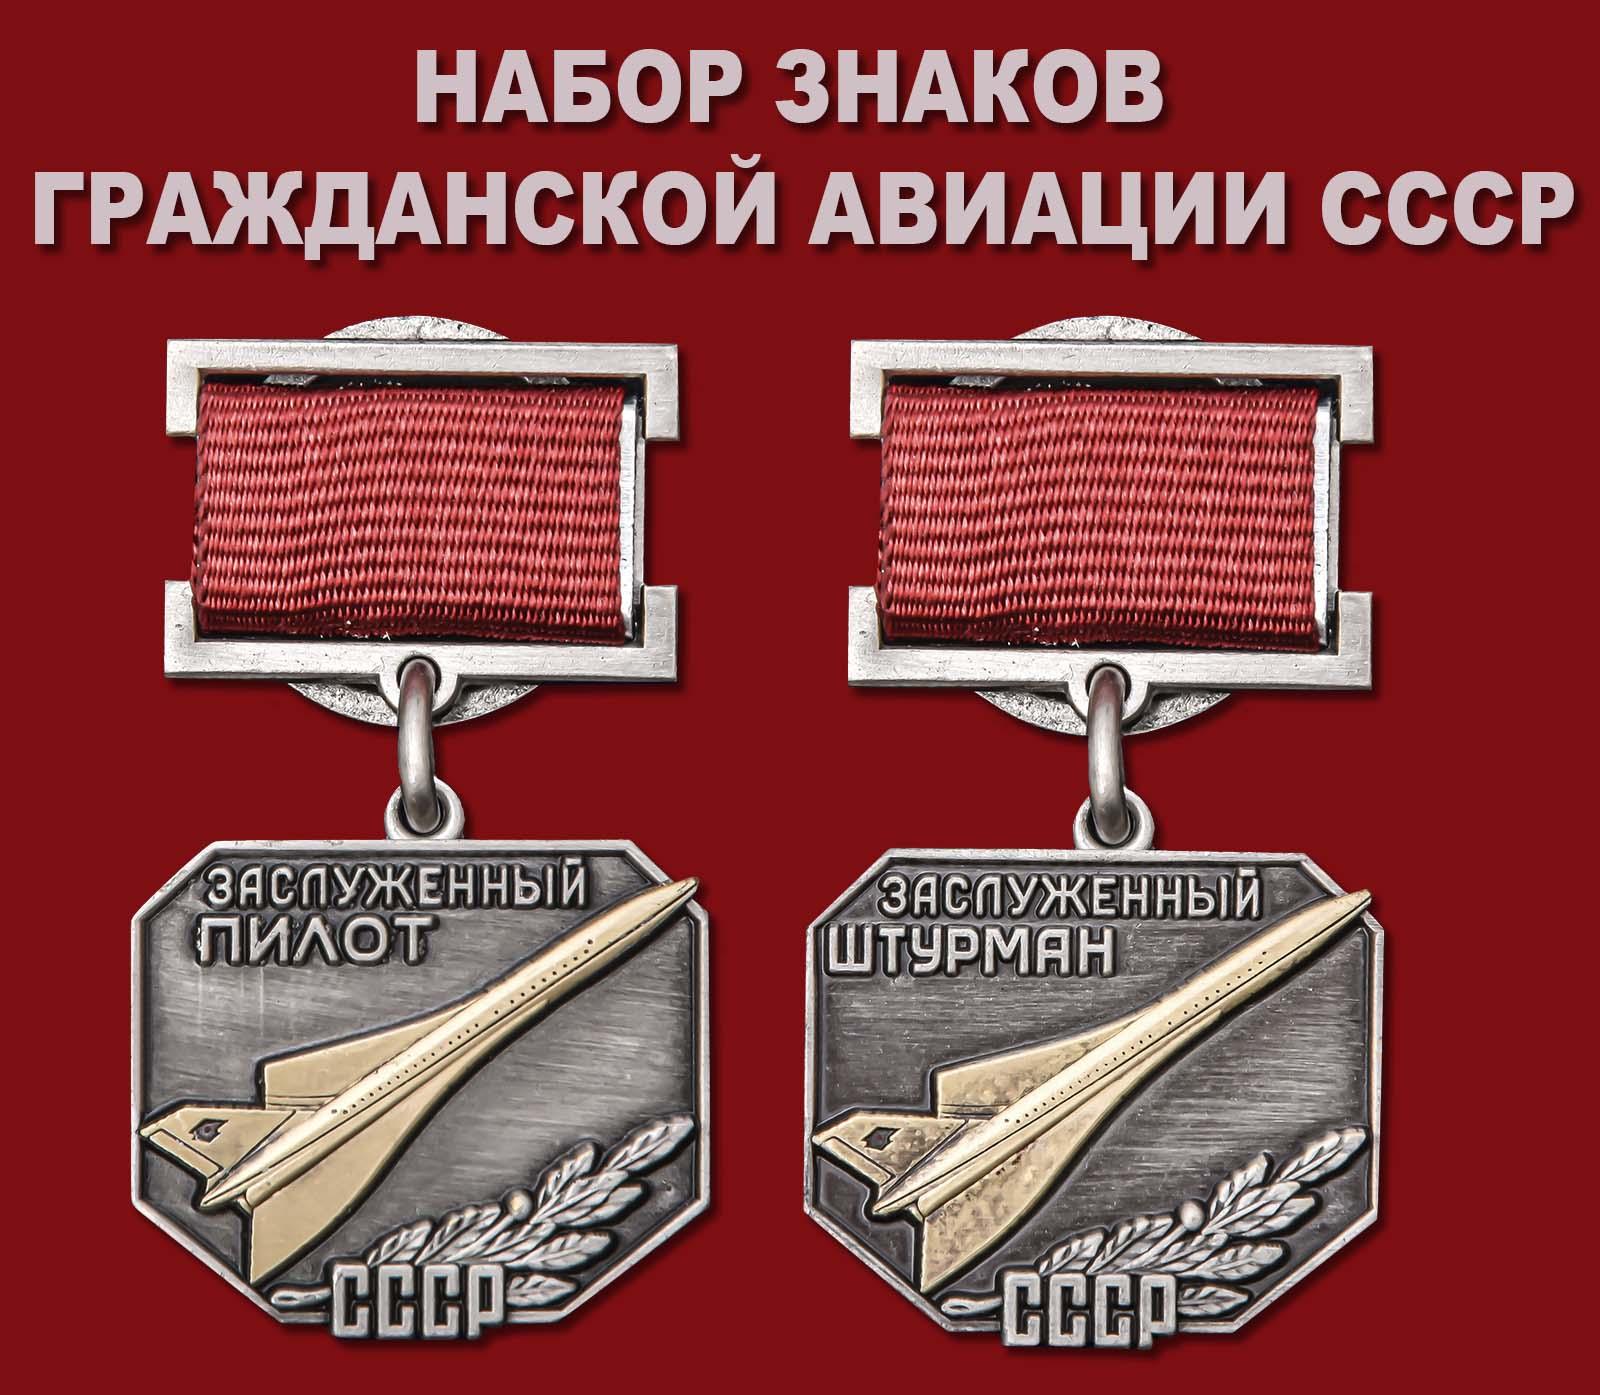 Набор знаков Гражданской авиации СССР